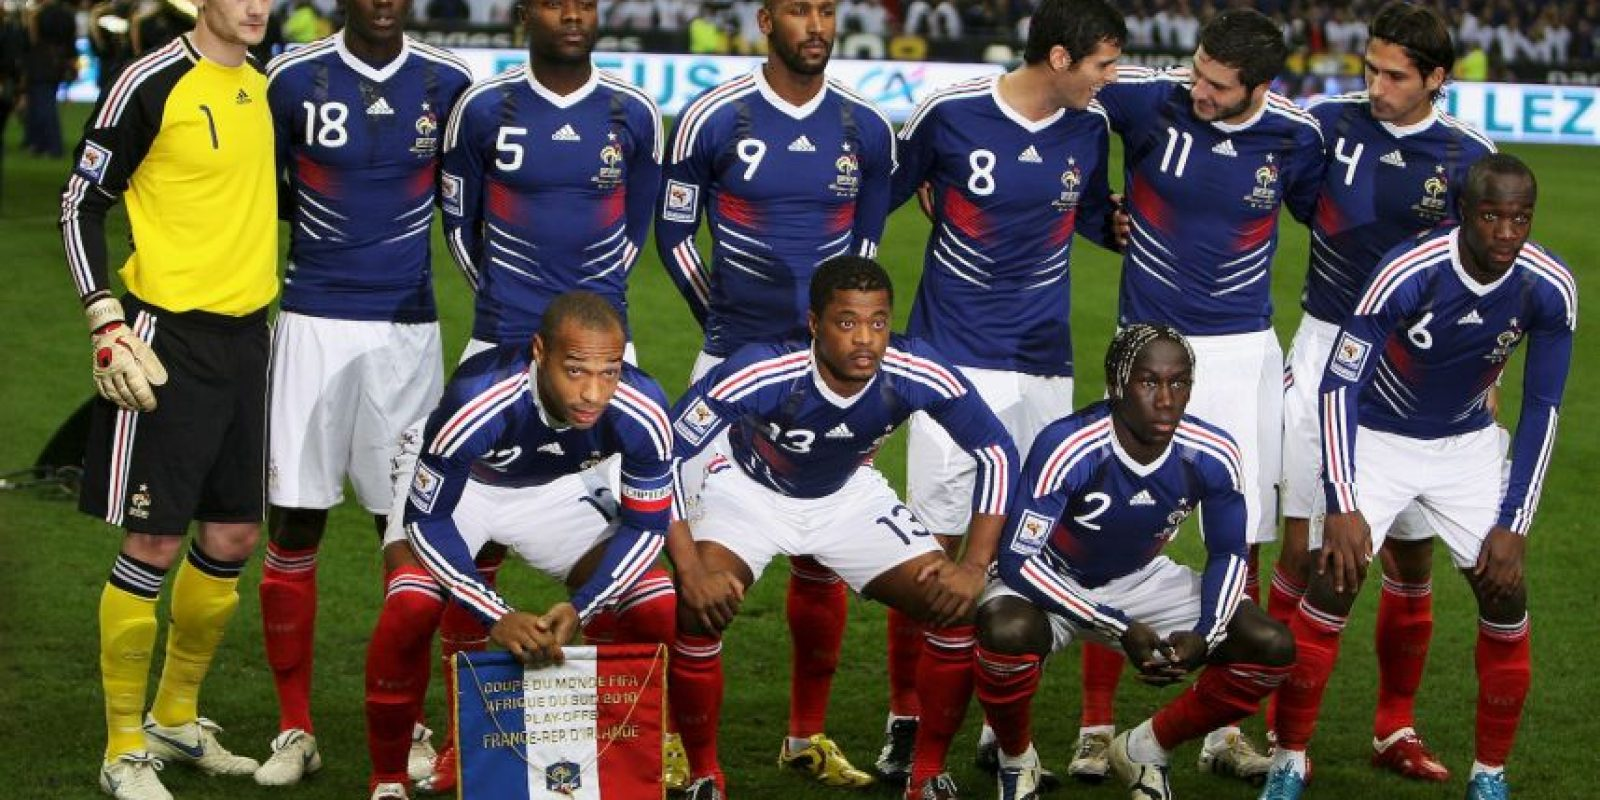 En 2009, Francia jugó contra Irlanda uno de repechajes de la UEFA rumbo a Sudáfrica 2010. Foto:Getty Images